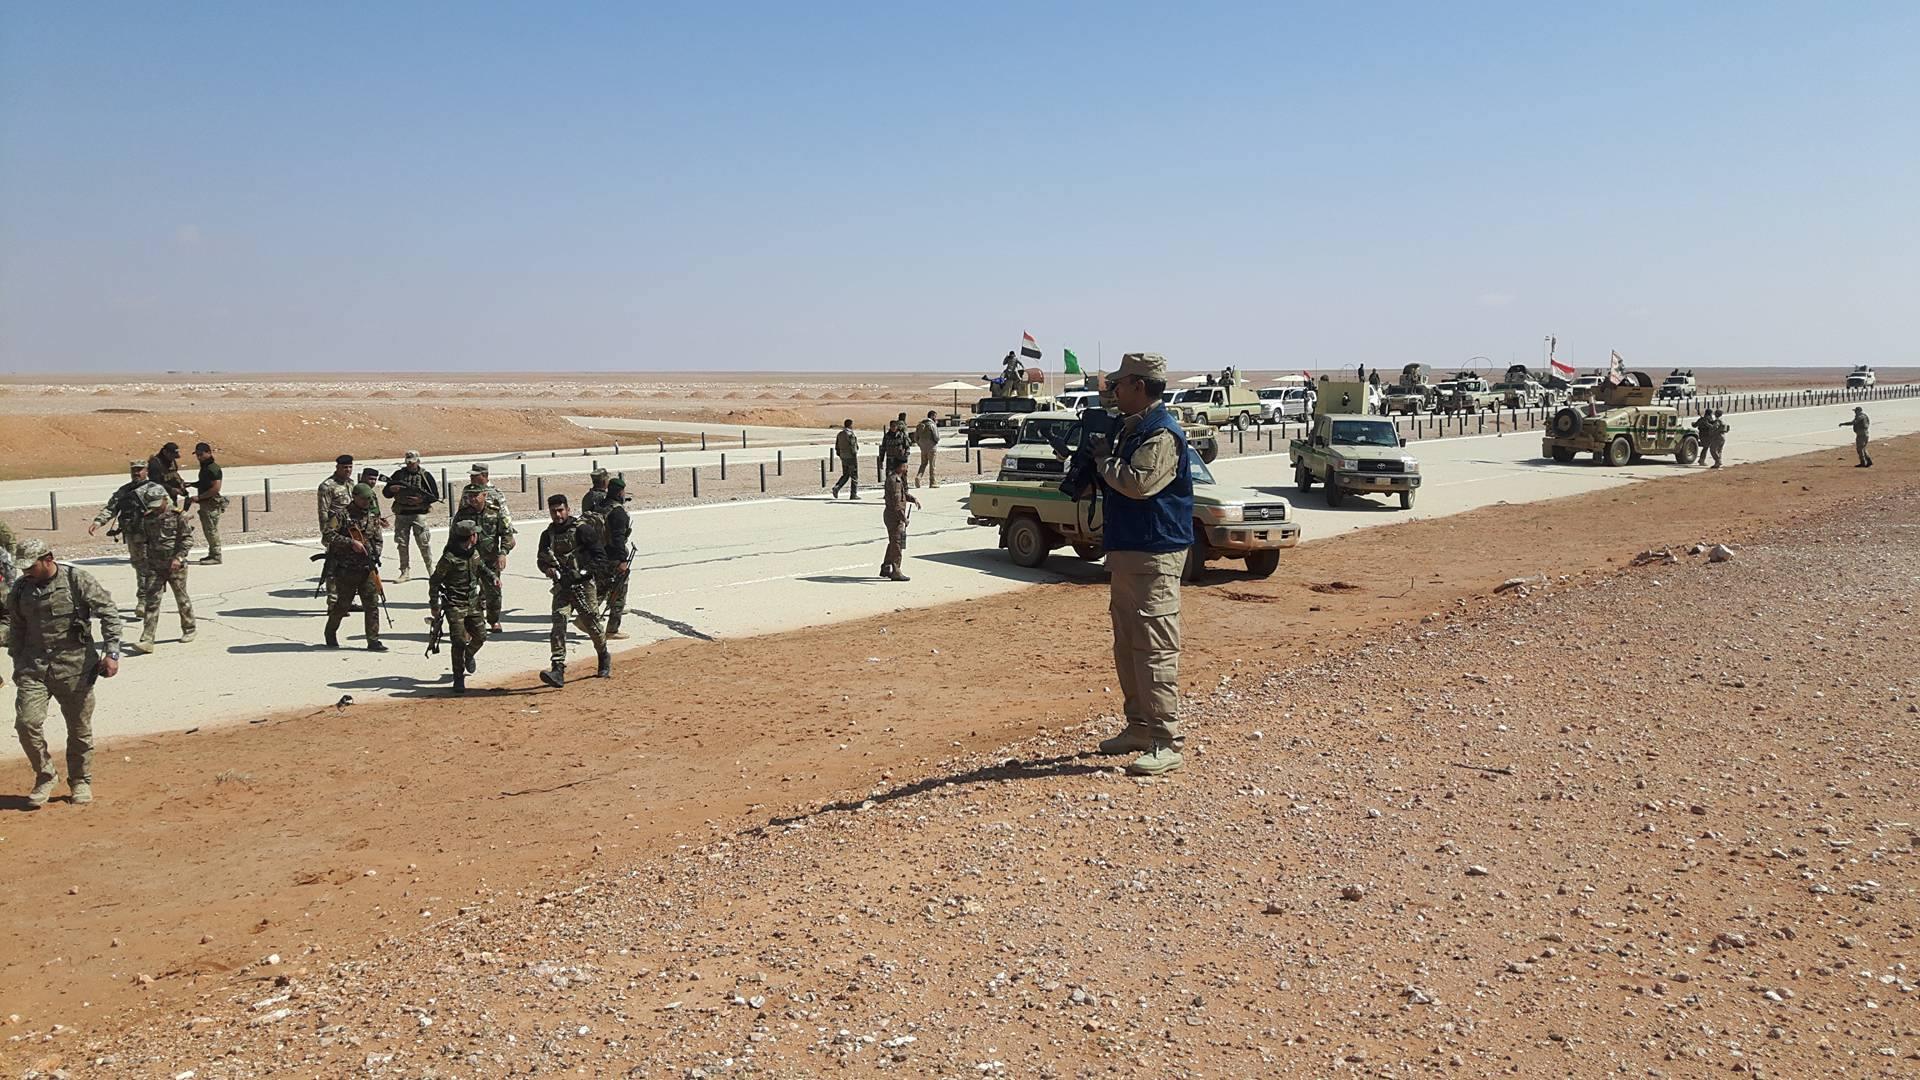 مدير ناحية الوليد يكشف عن استعدادات لنشر قوات على الحدود العراقية السورية غربي الأنبار